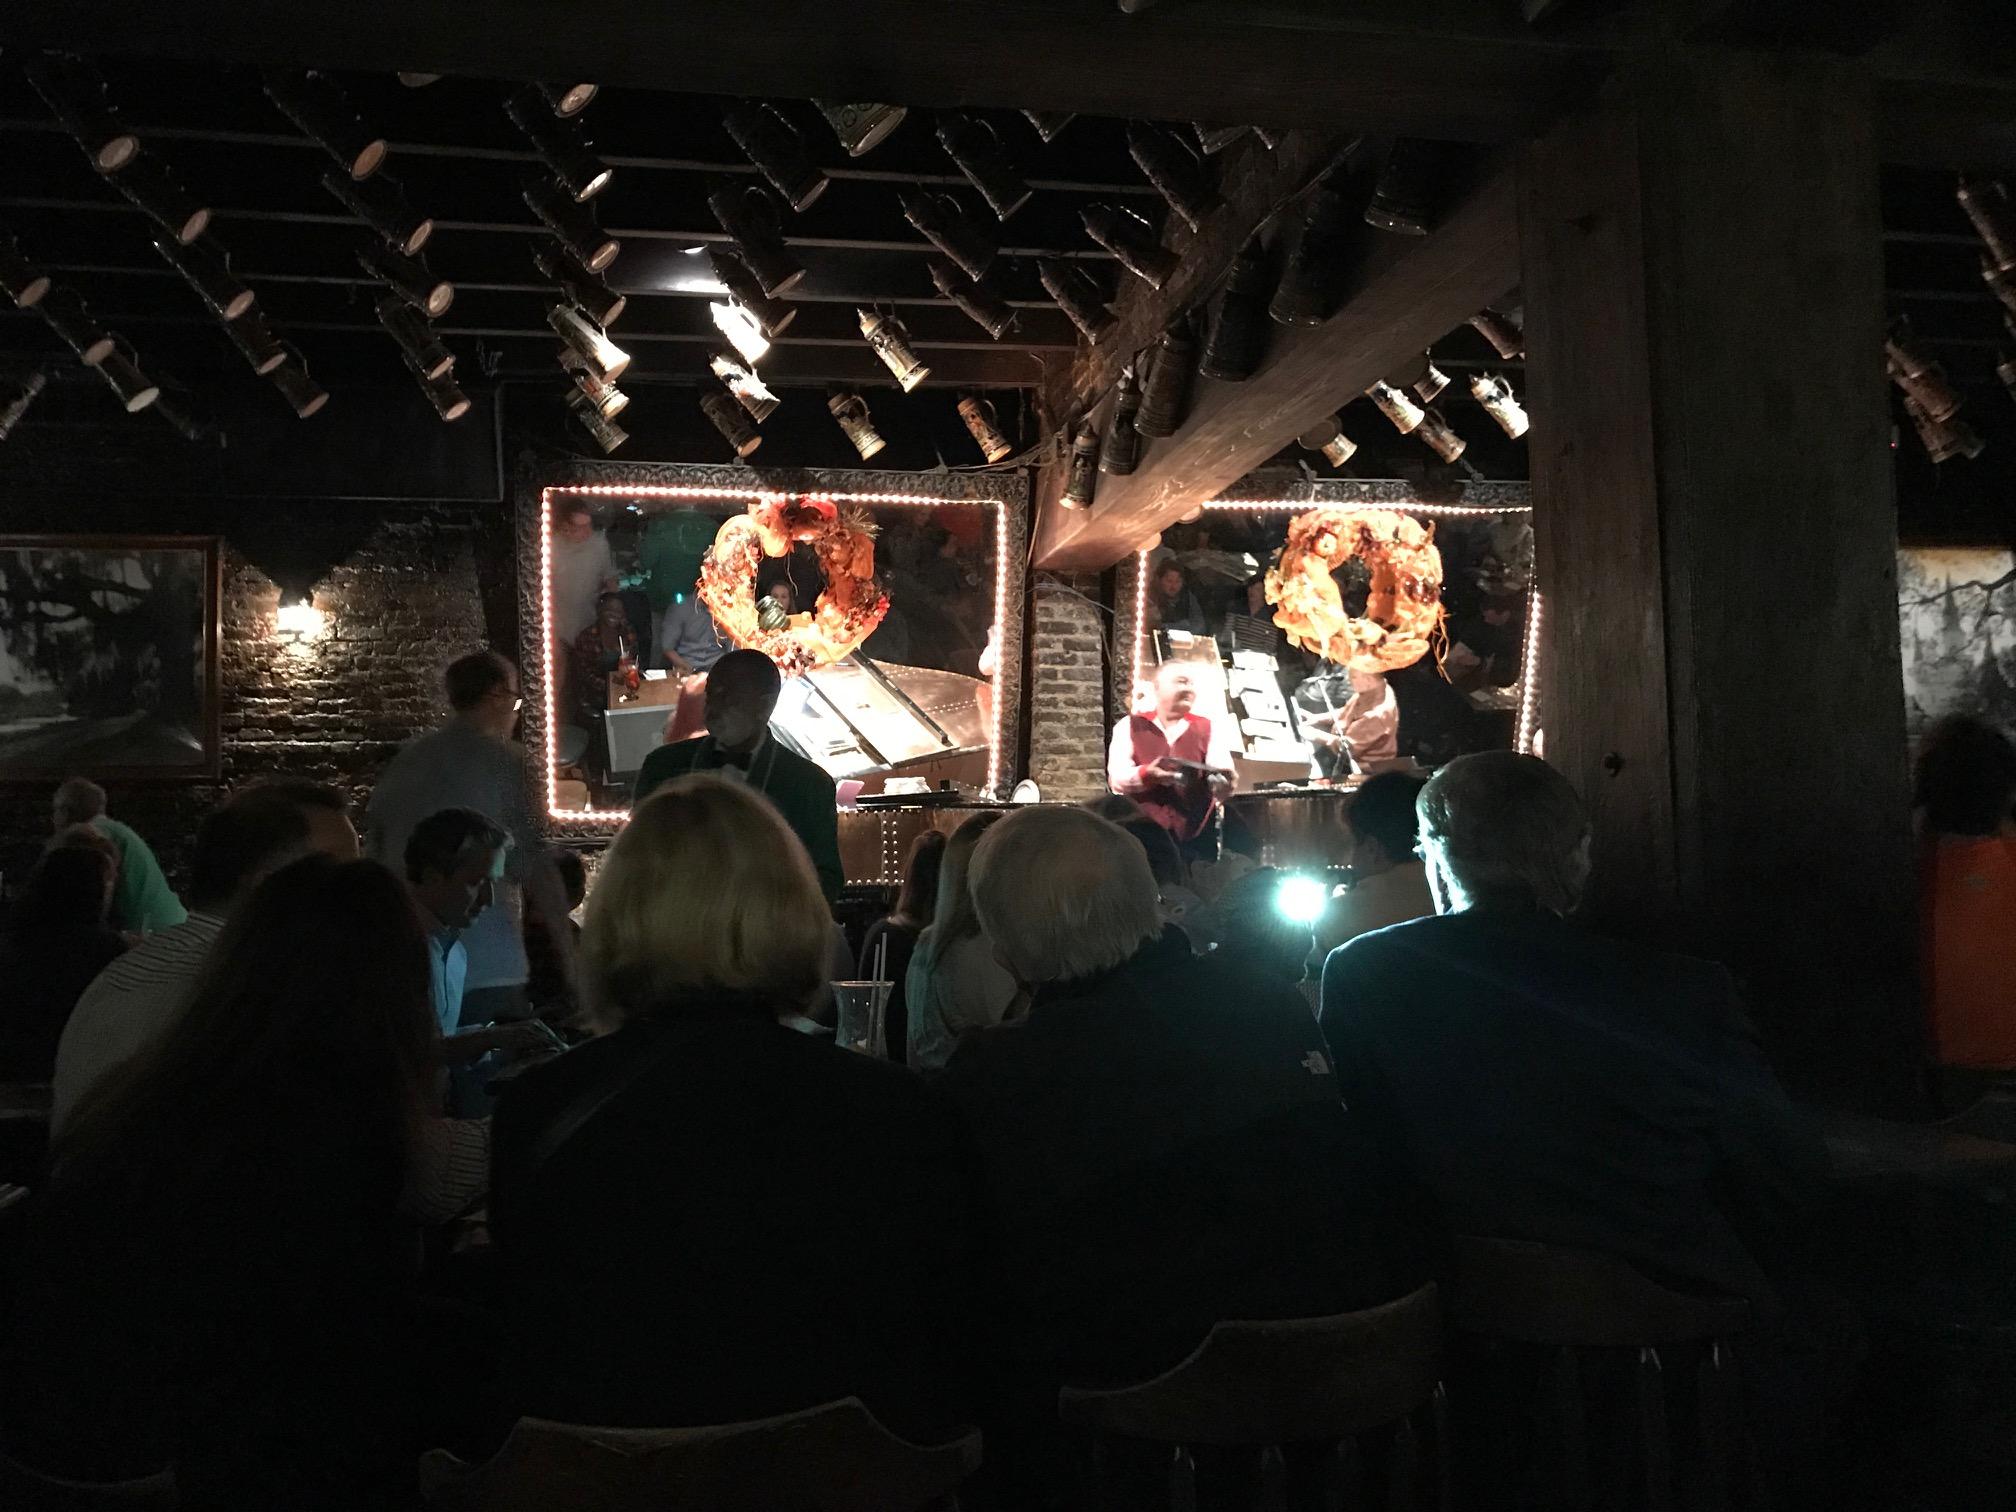 The piano bar at Pat O'Brien's